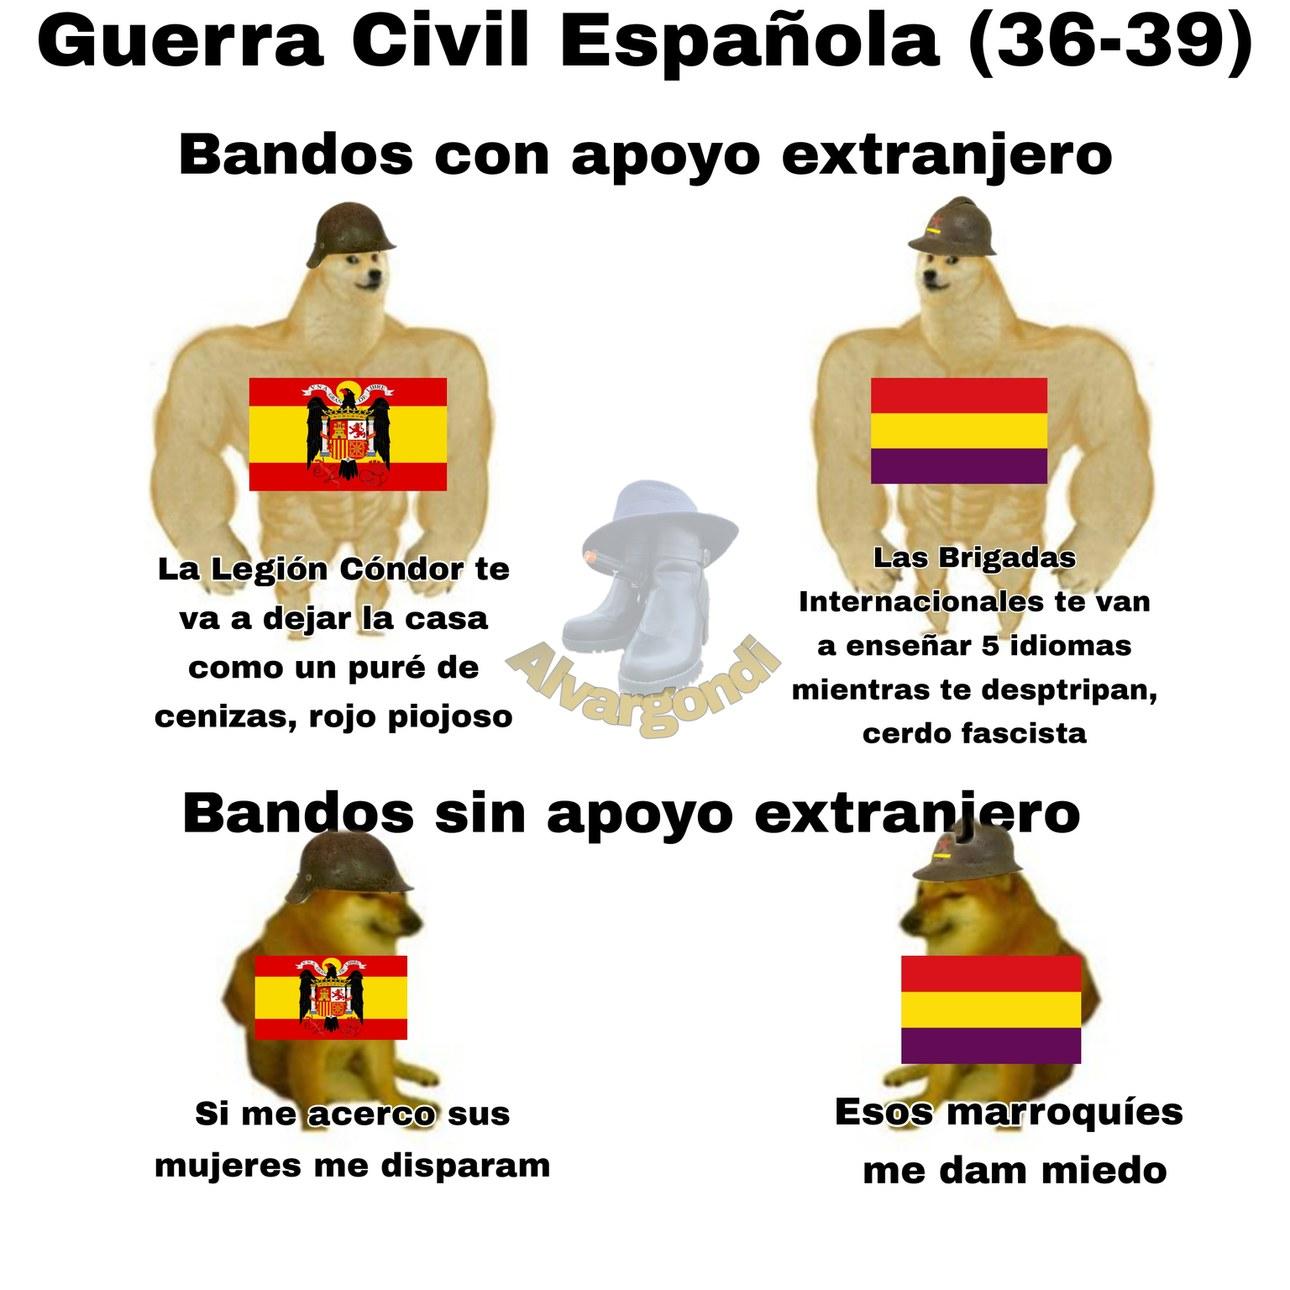 Framcisco Franco vs Miguelm Azamña - meme